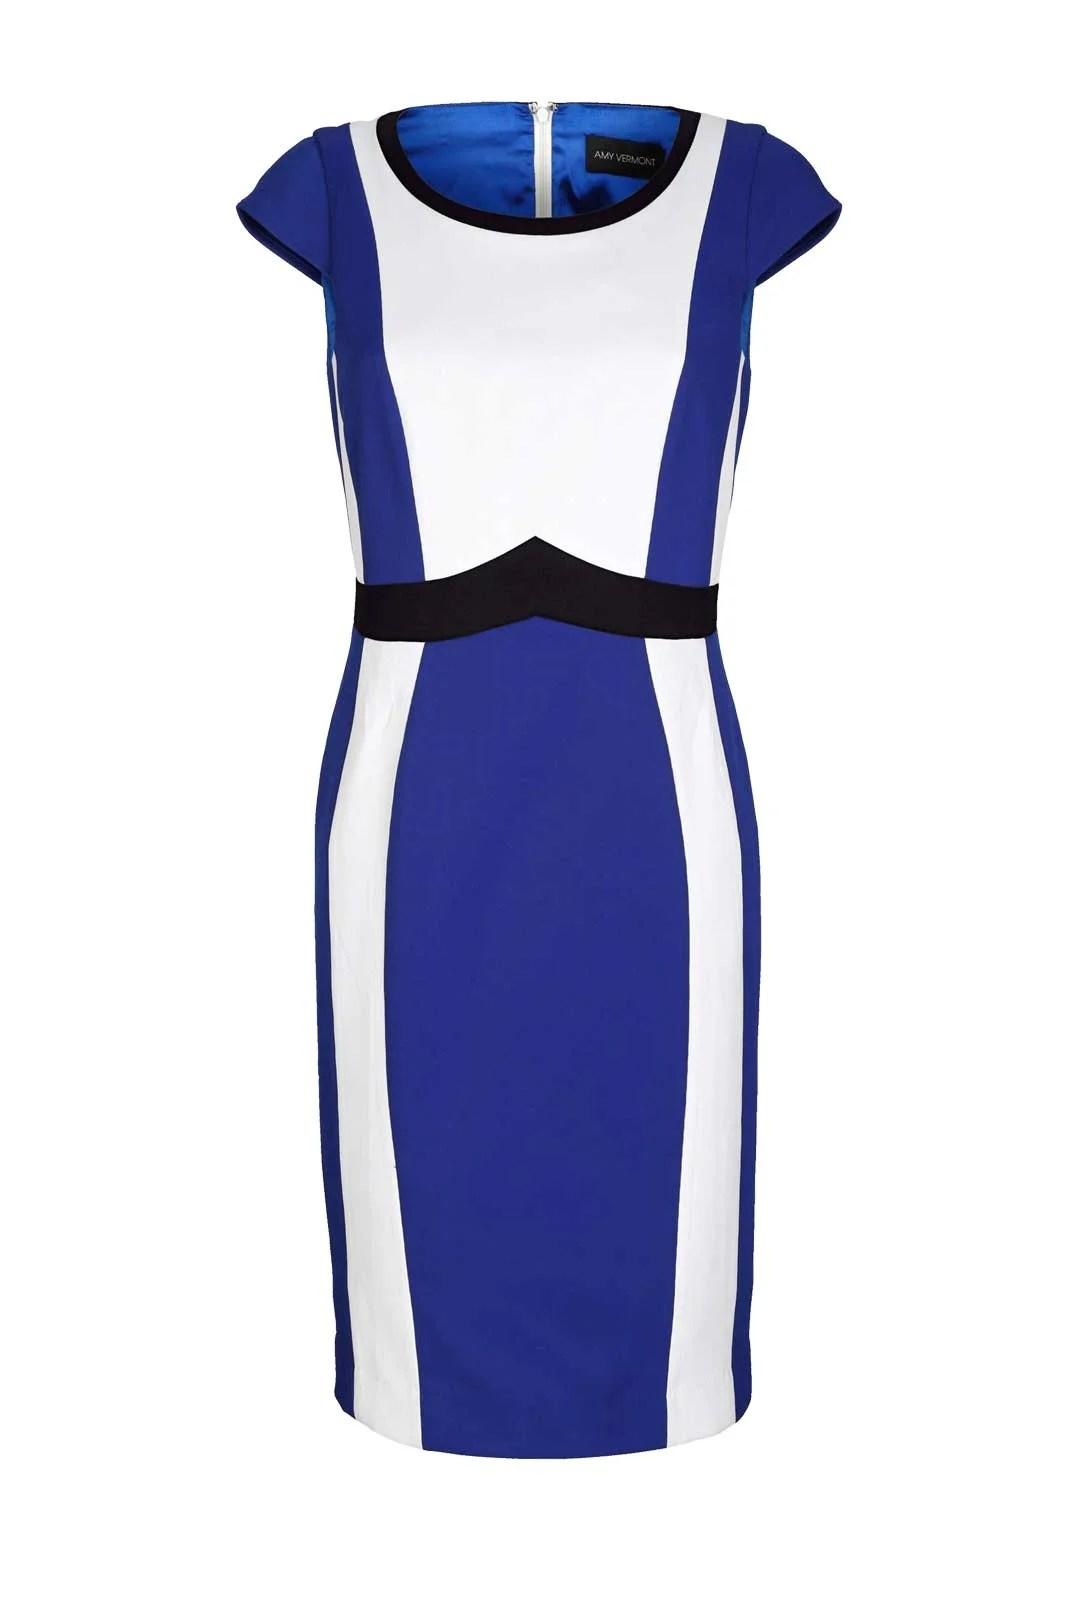 630.672 AMY VERMONT Damen-Etuikleid Royalblau-Weiß